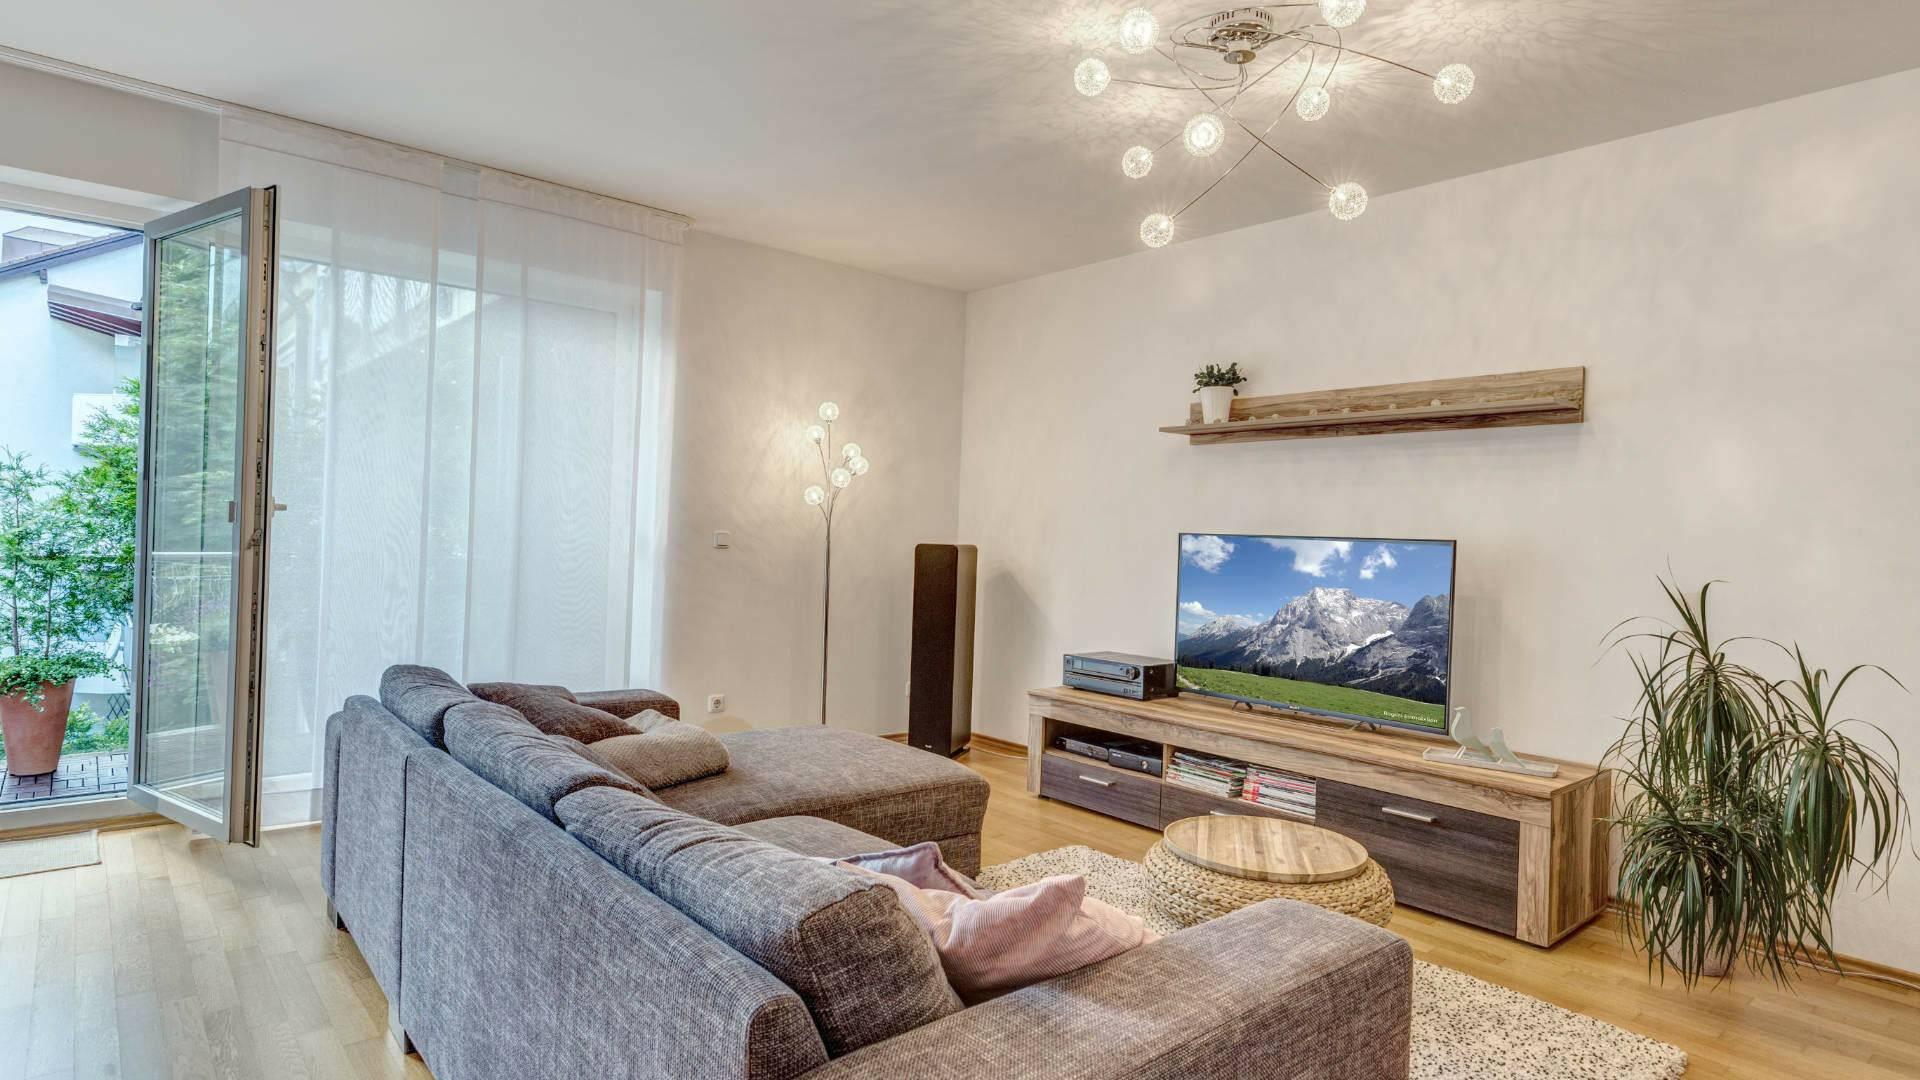 Milbertshofen Wohnung Wohnzimmer